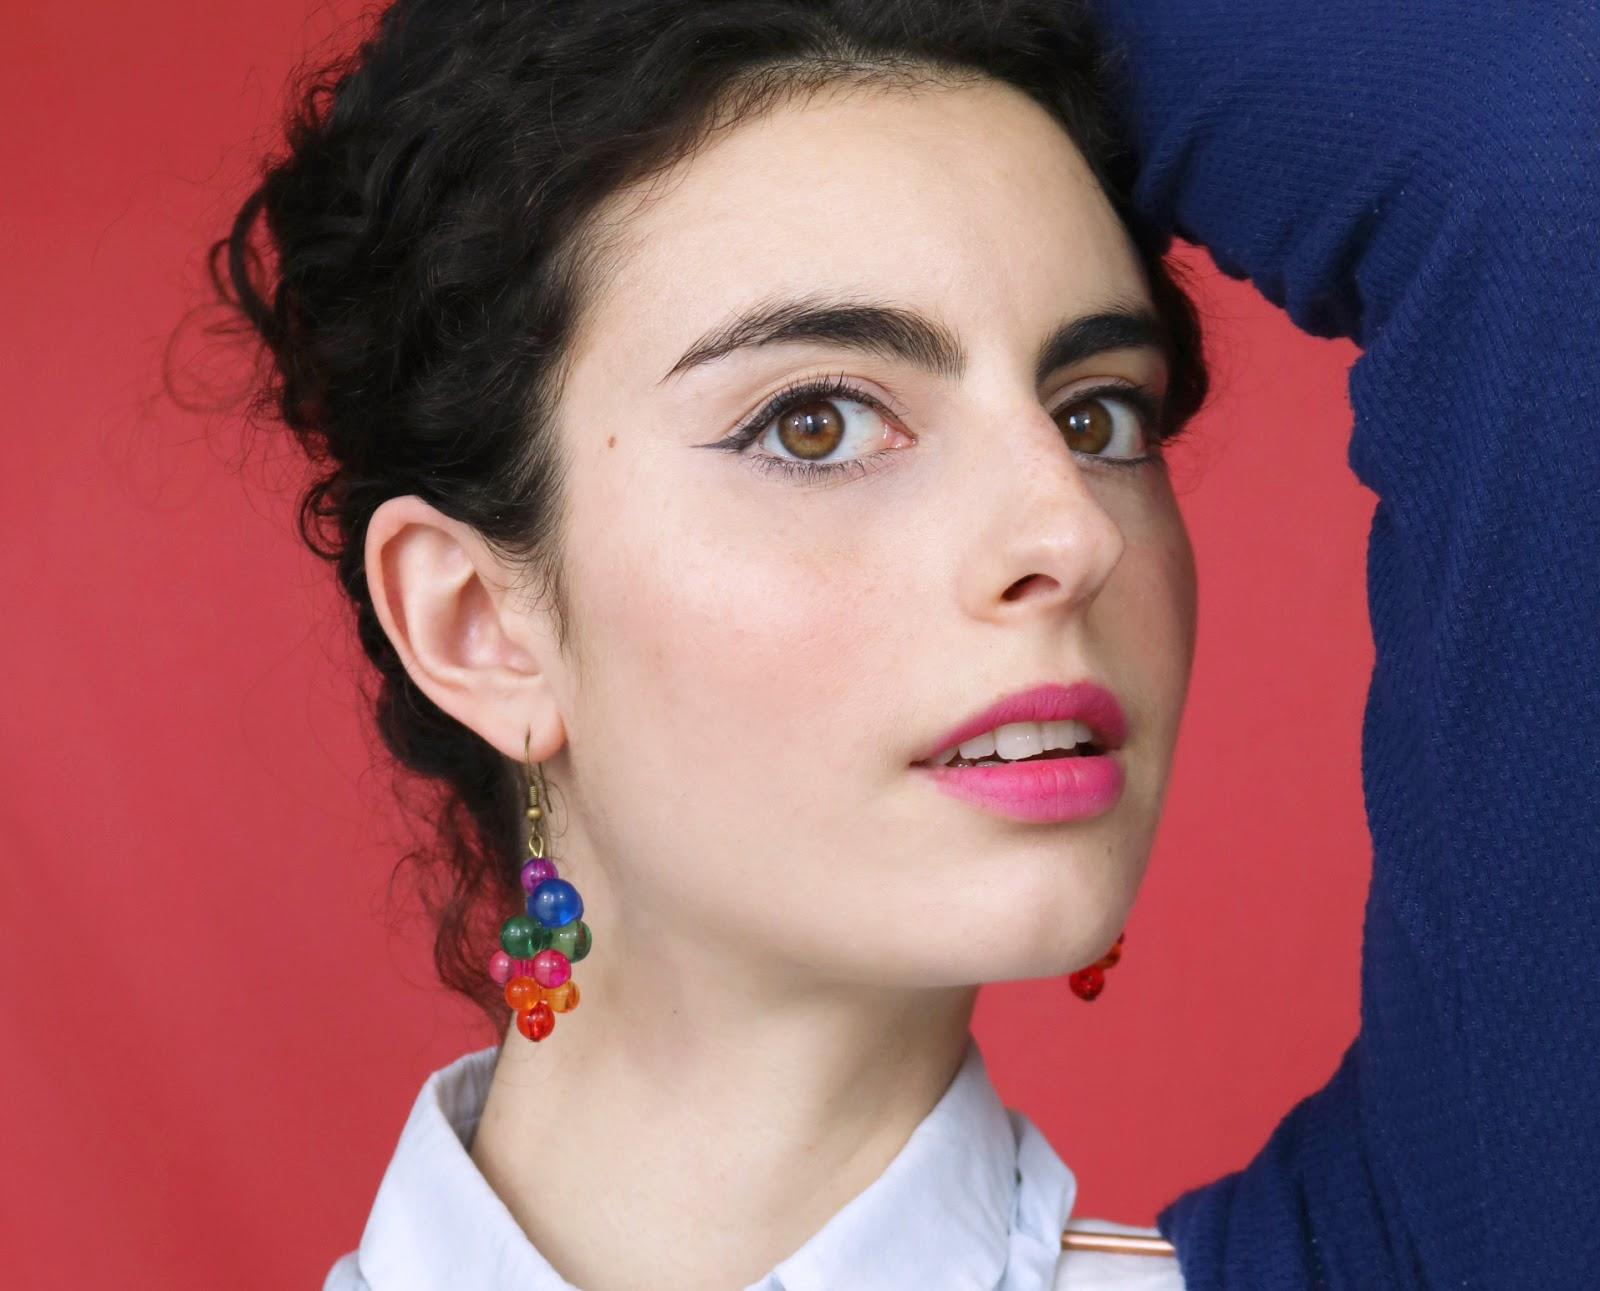 Rouge à lèvres Etude House, maquillage Avril, boucles d'oreille vintage